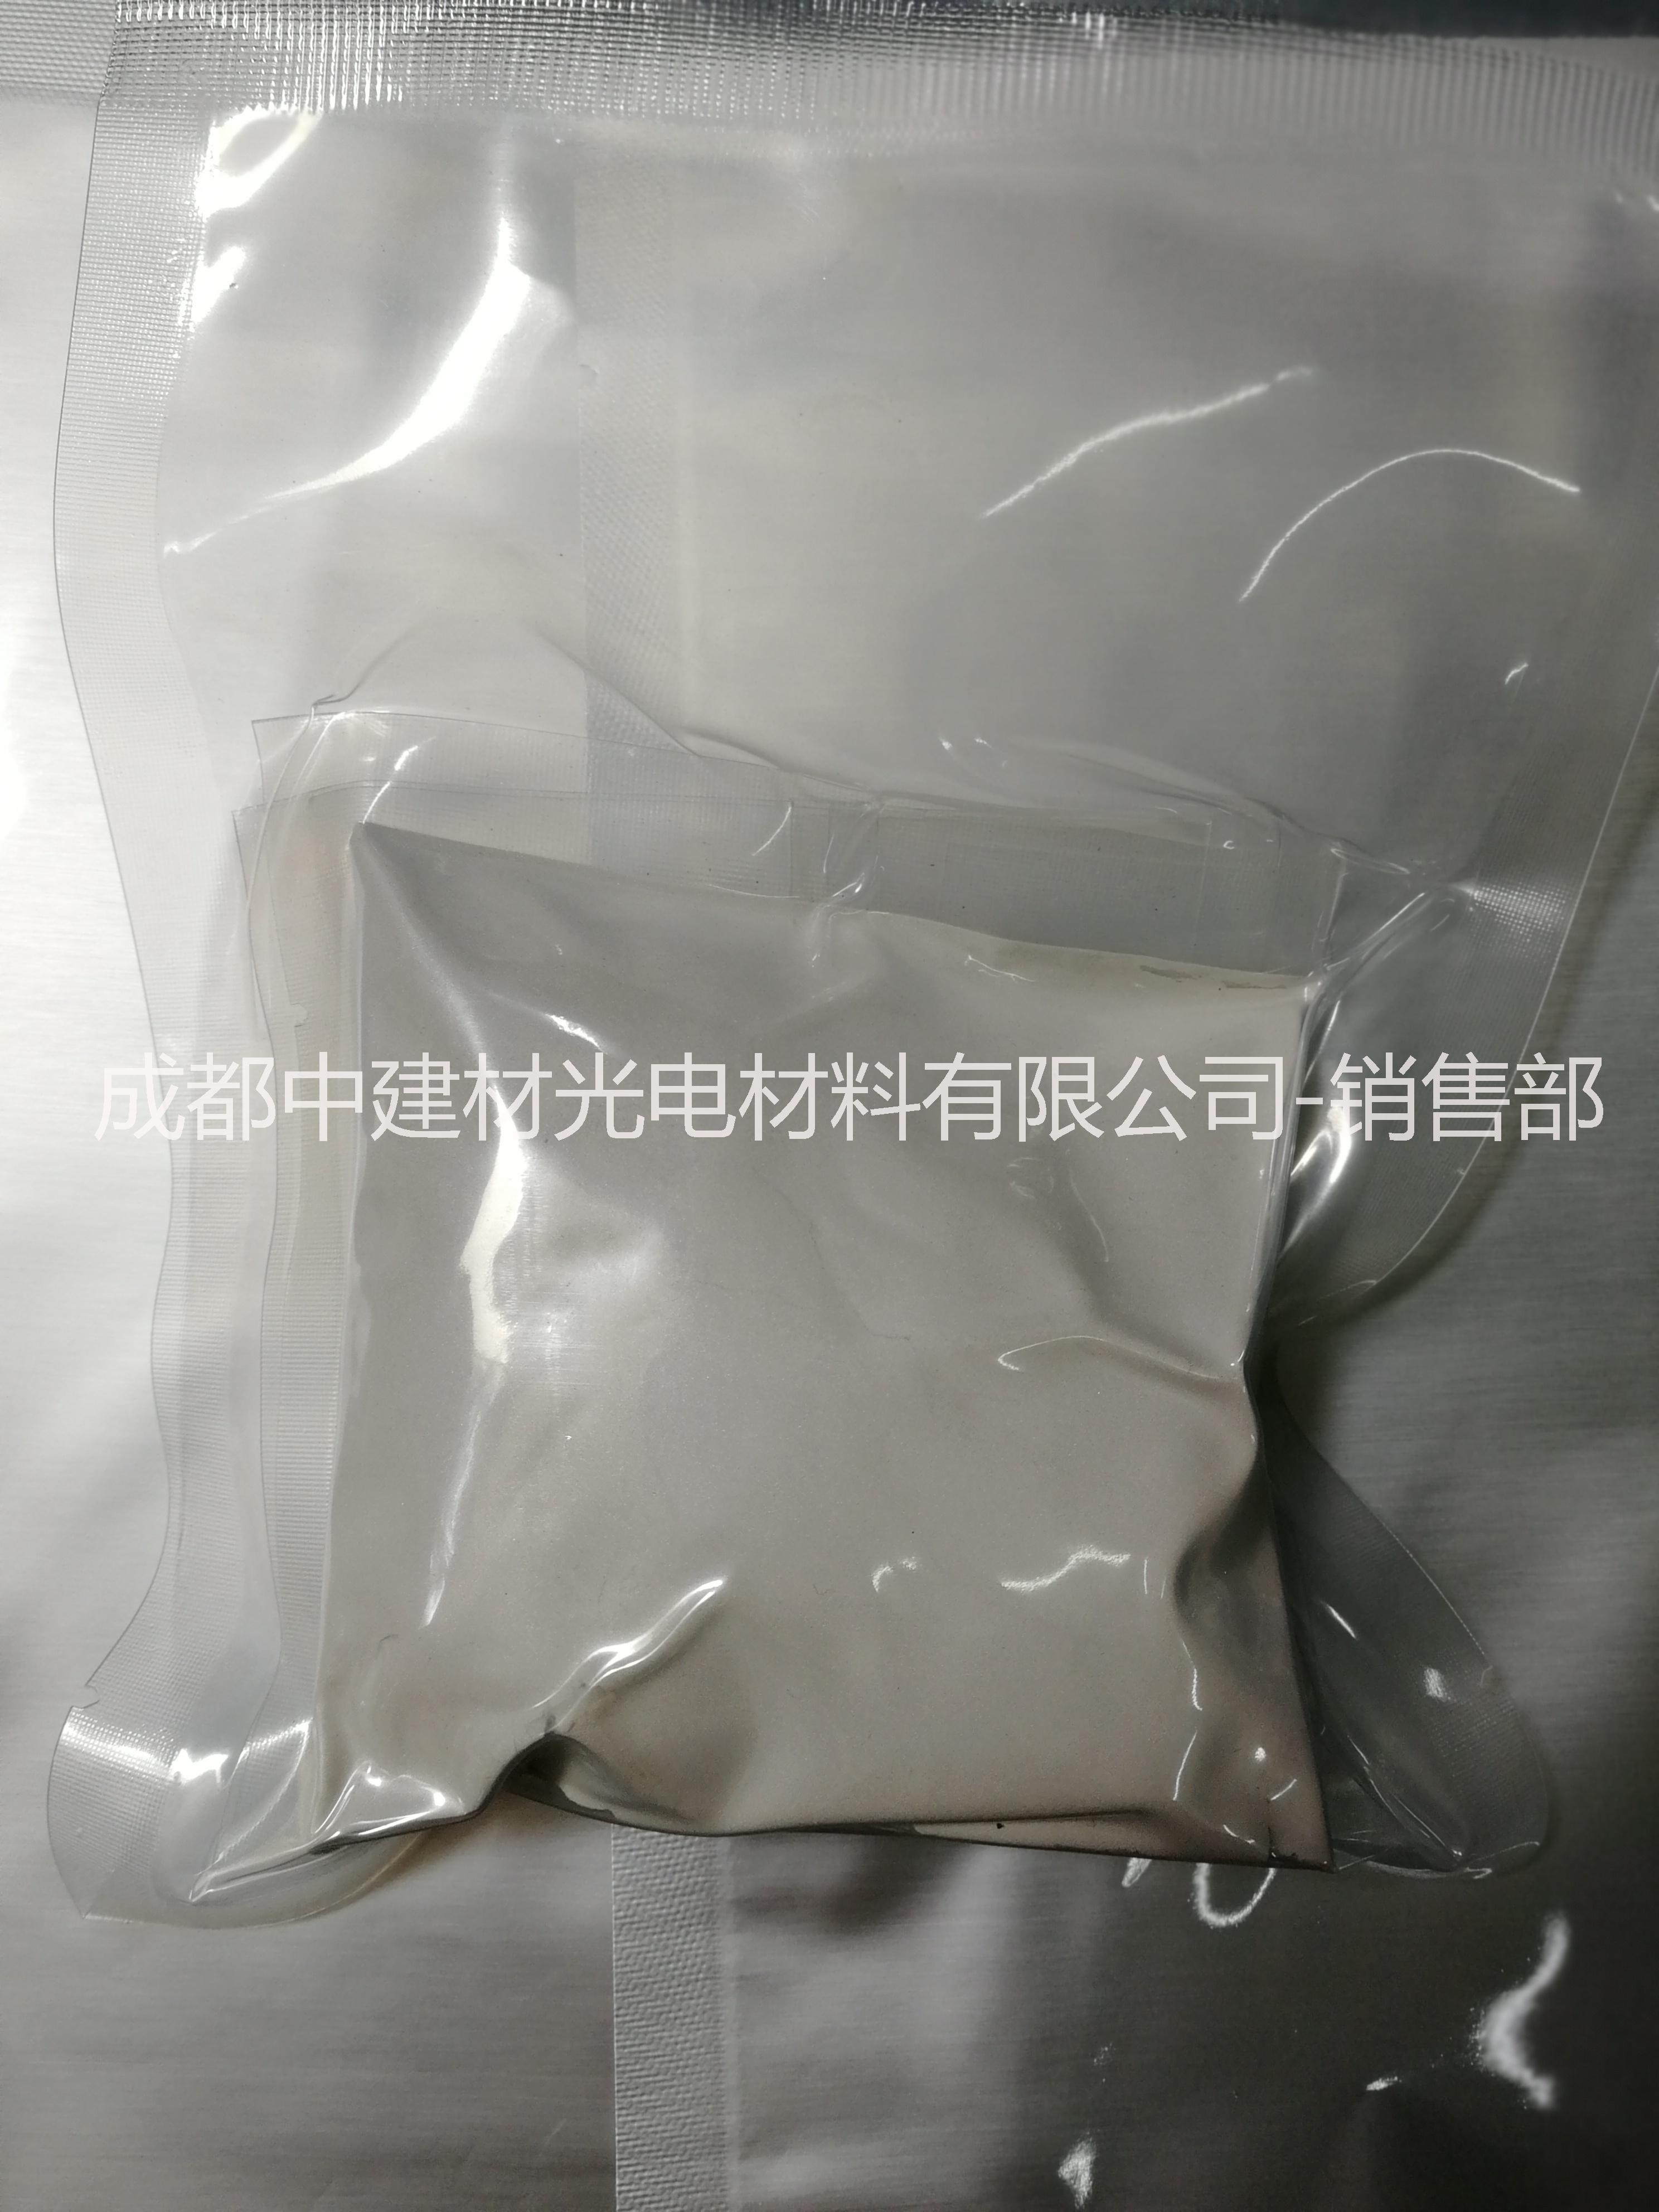 厂家供应高纯99.99%铟粉,200目超细球形铟粉